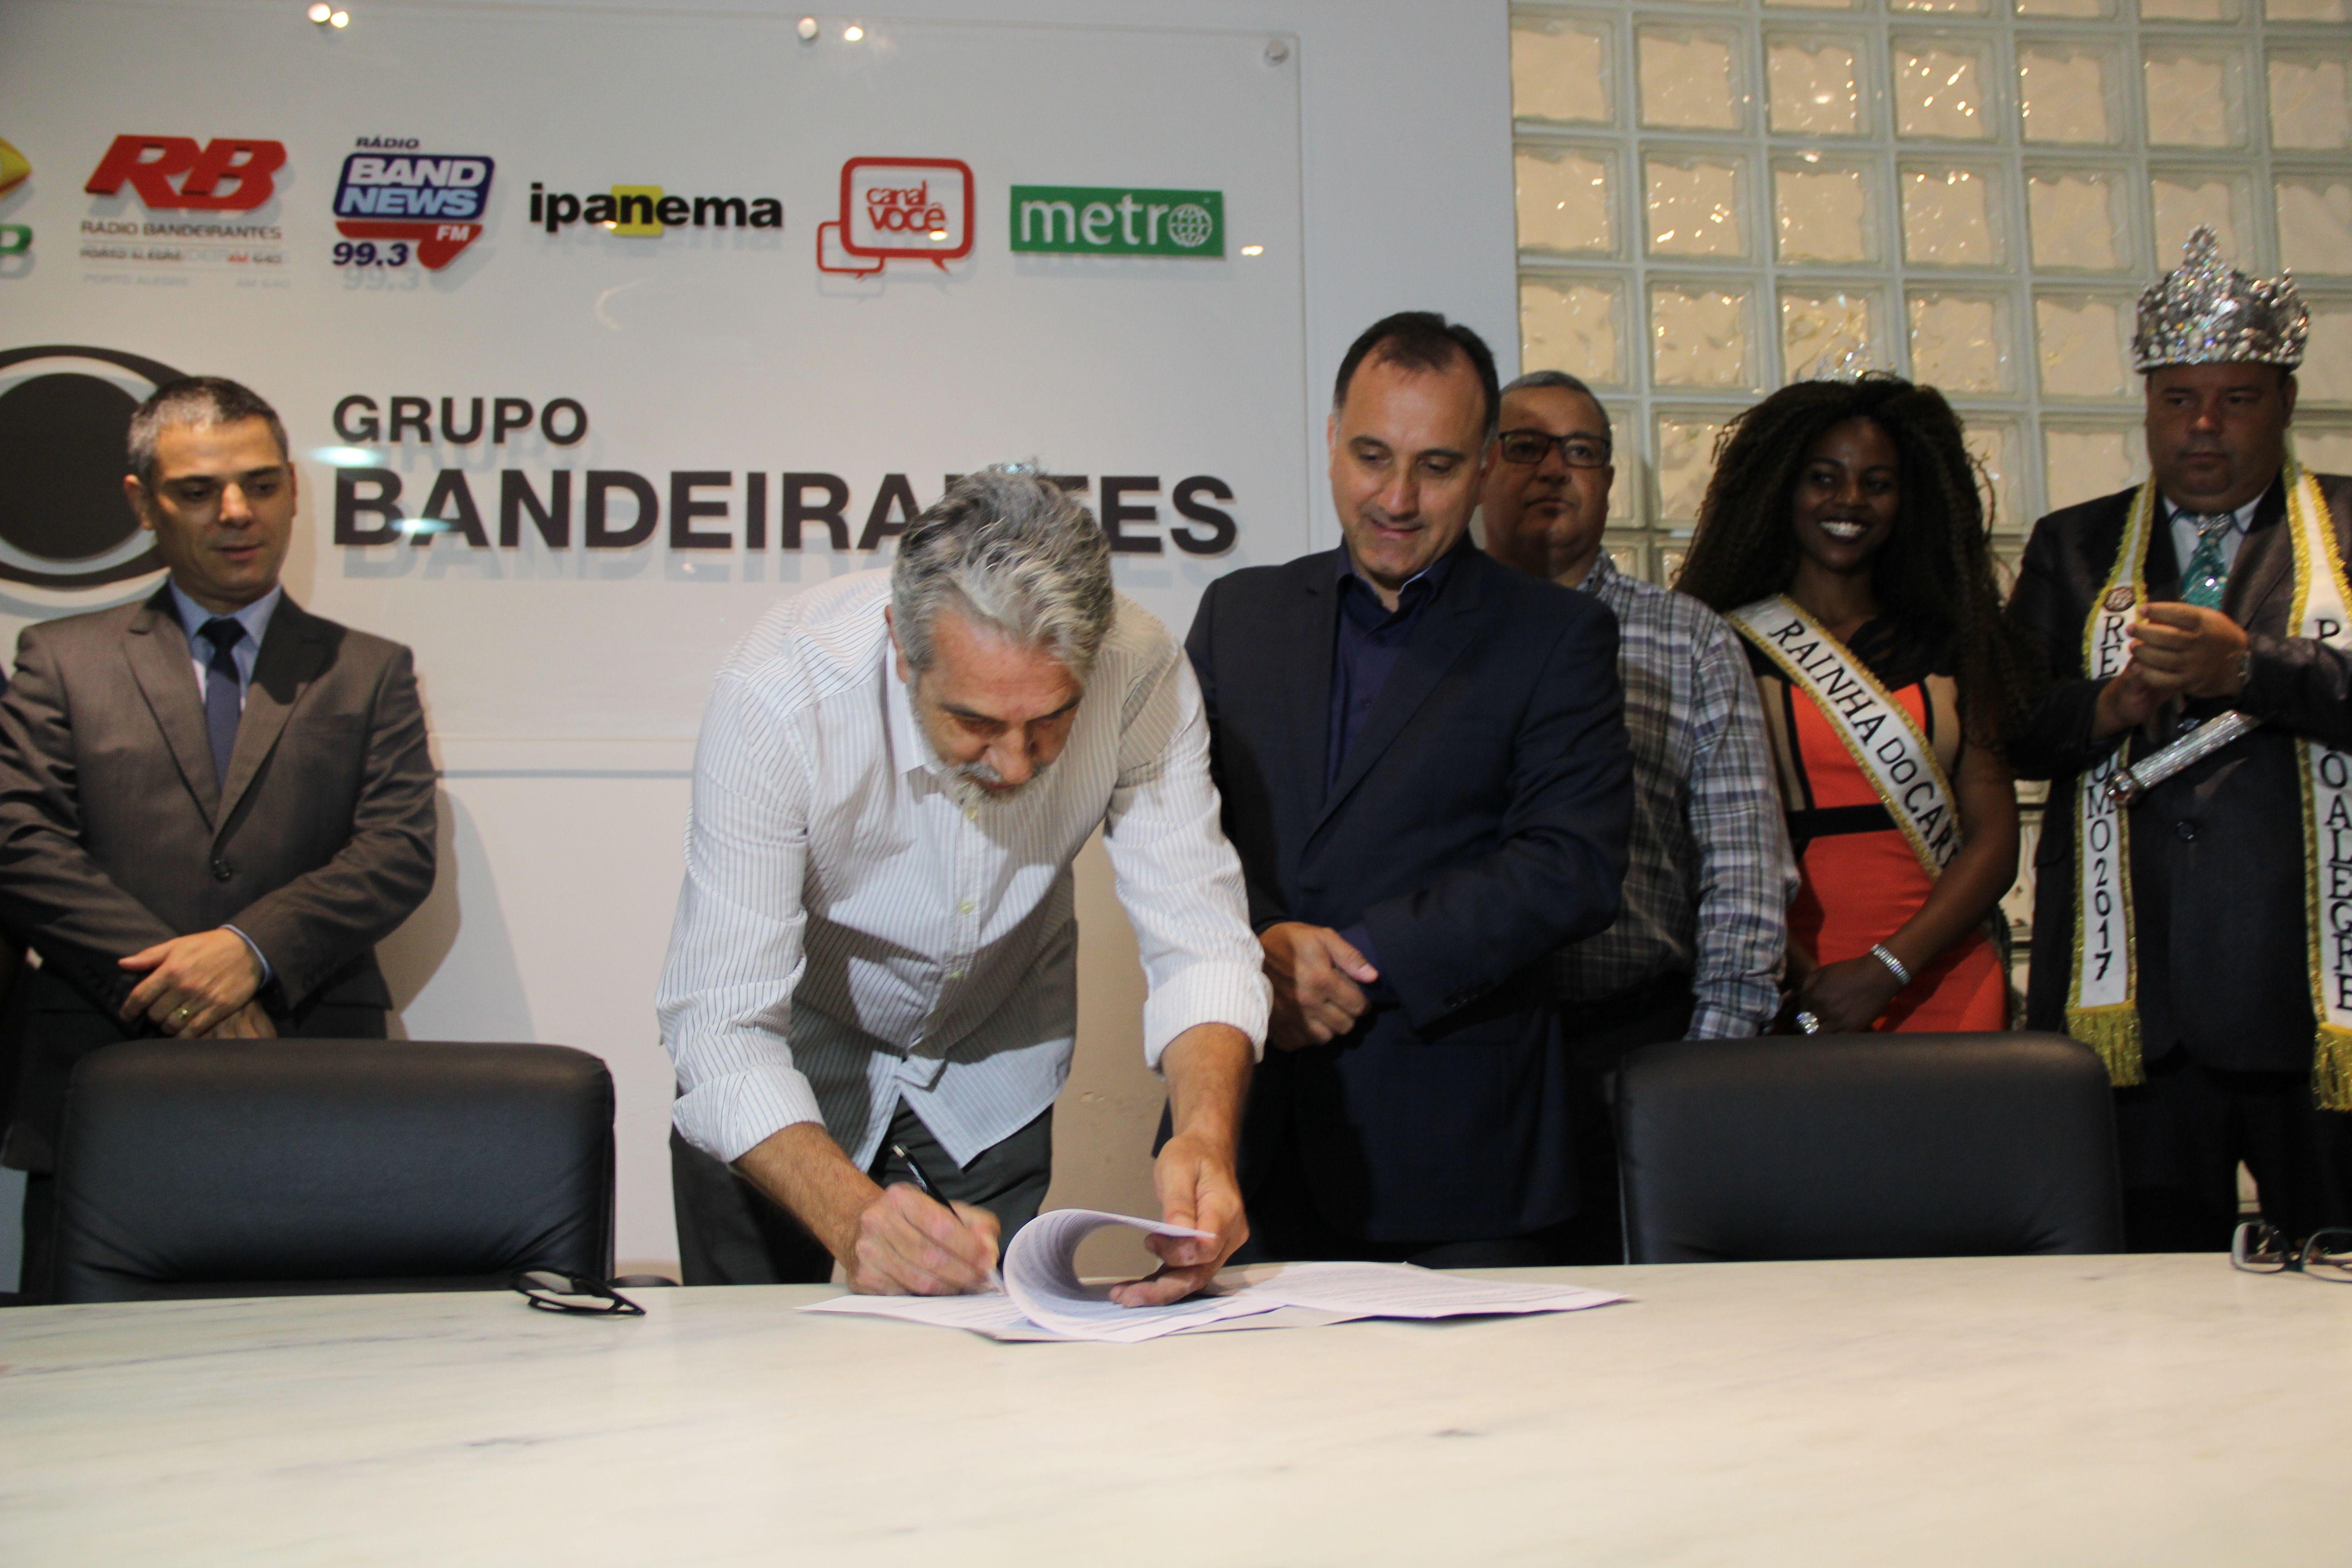 Contrato foi assinado na manhã desta sexta-feira / Igor de Almeida/Band